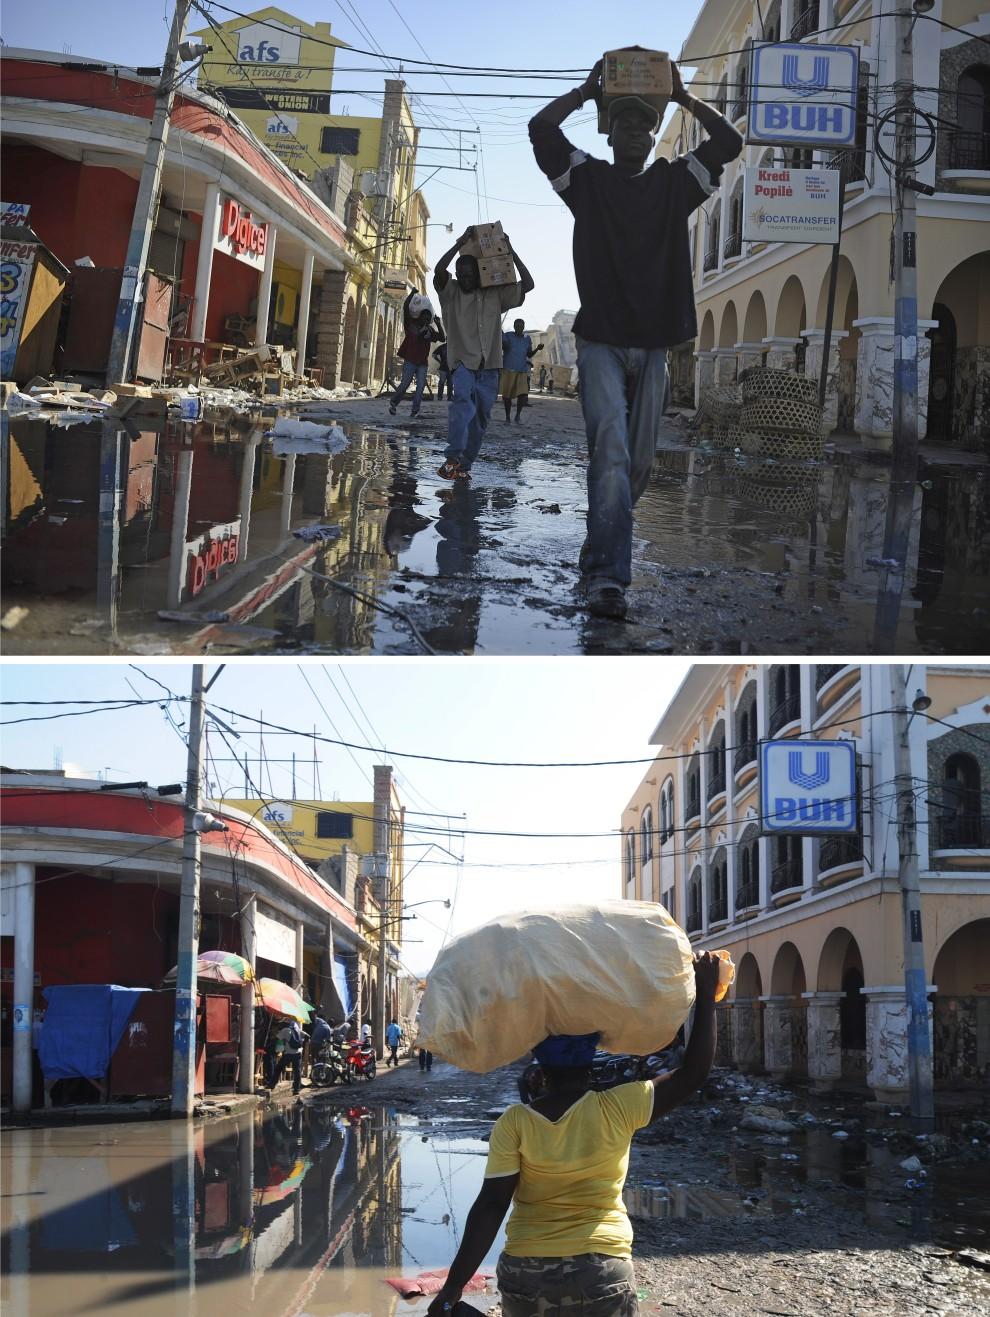 8. i 9.  HAITI, Port-au-Prince, zdjęcie pierwsze z 15 stycznia 2010: Mieszkańcy stolicy noszą zrabowaną żywność. AFP PHOTO/Olivier Laban-Mattei Zdjęcie drugie z 6 stycznia 2011: To samo miejsce – Kobieta przechodzi ulicą w Port-au-Prince. AFP PHOTO /Thony Belizaire